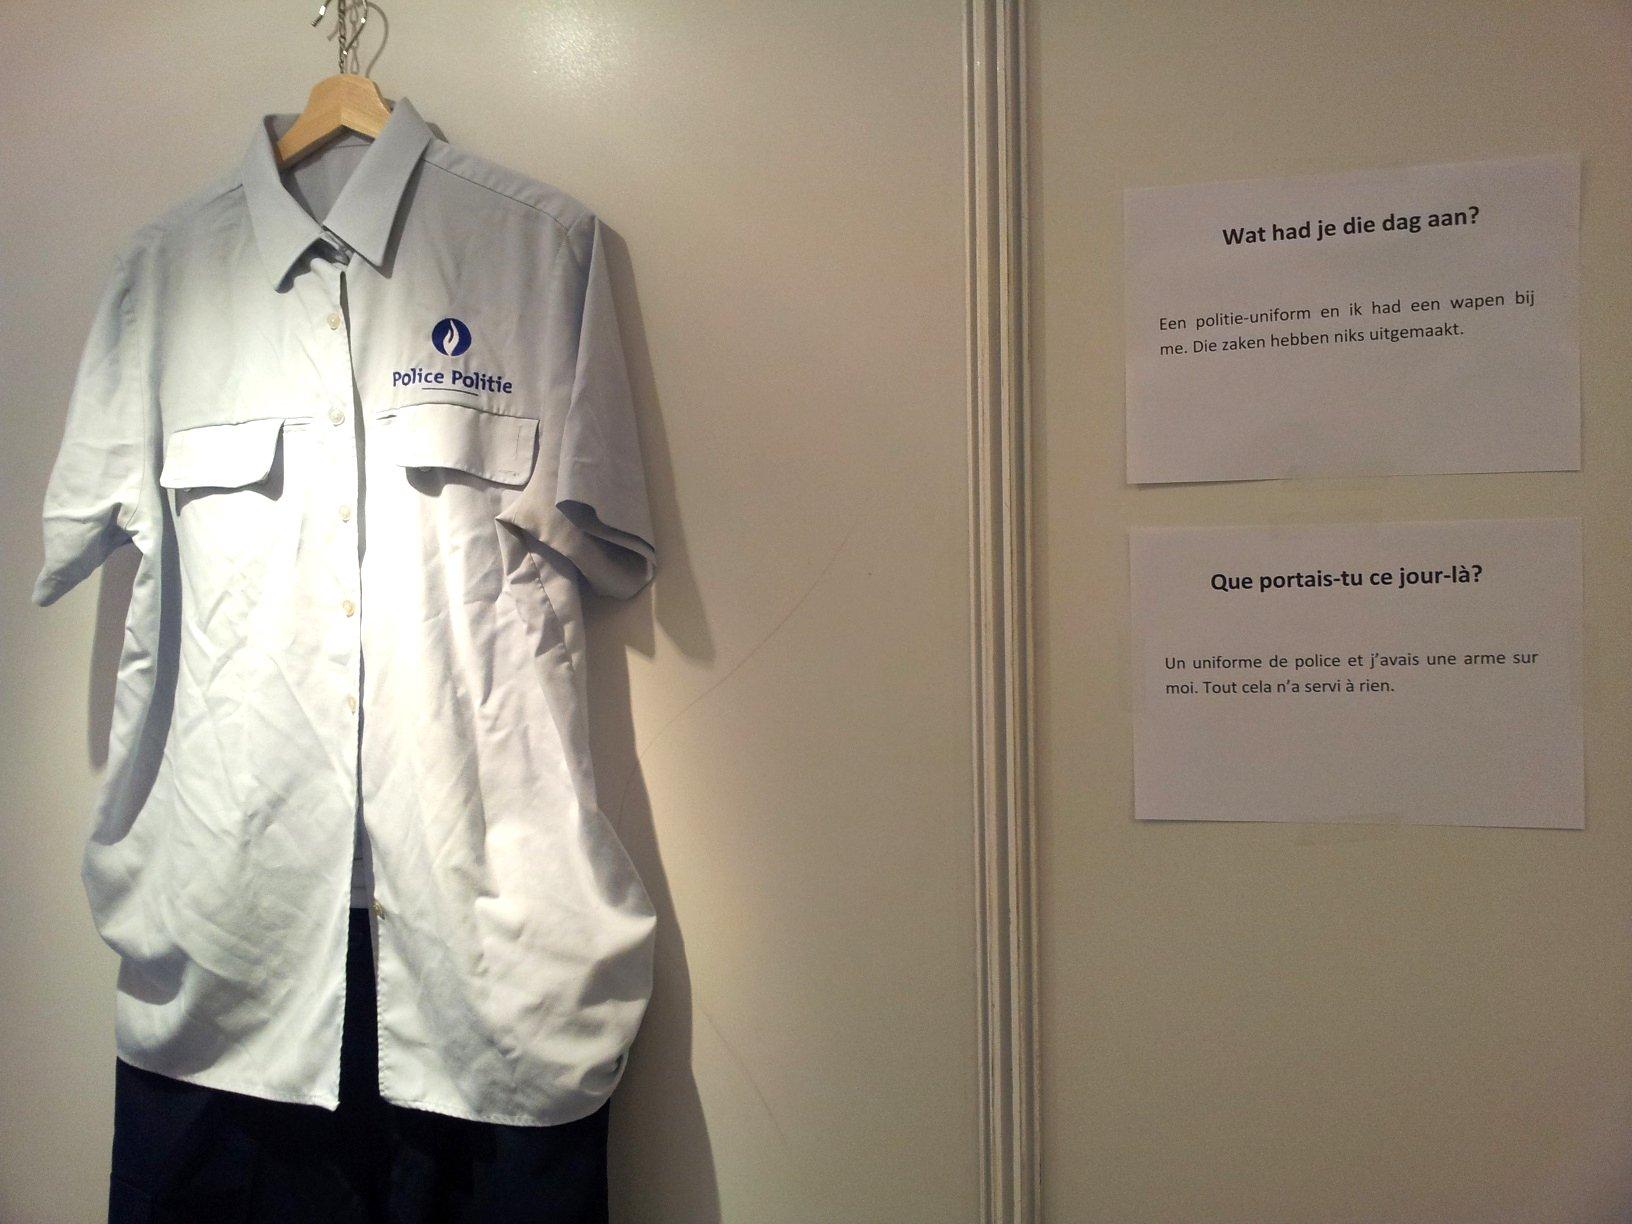 Molenbeek-Exhibit-What-They-Wore_003.jpg